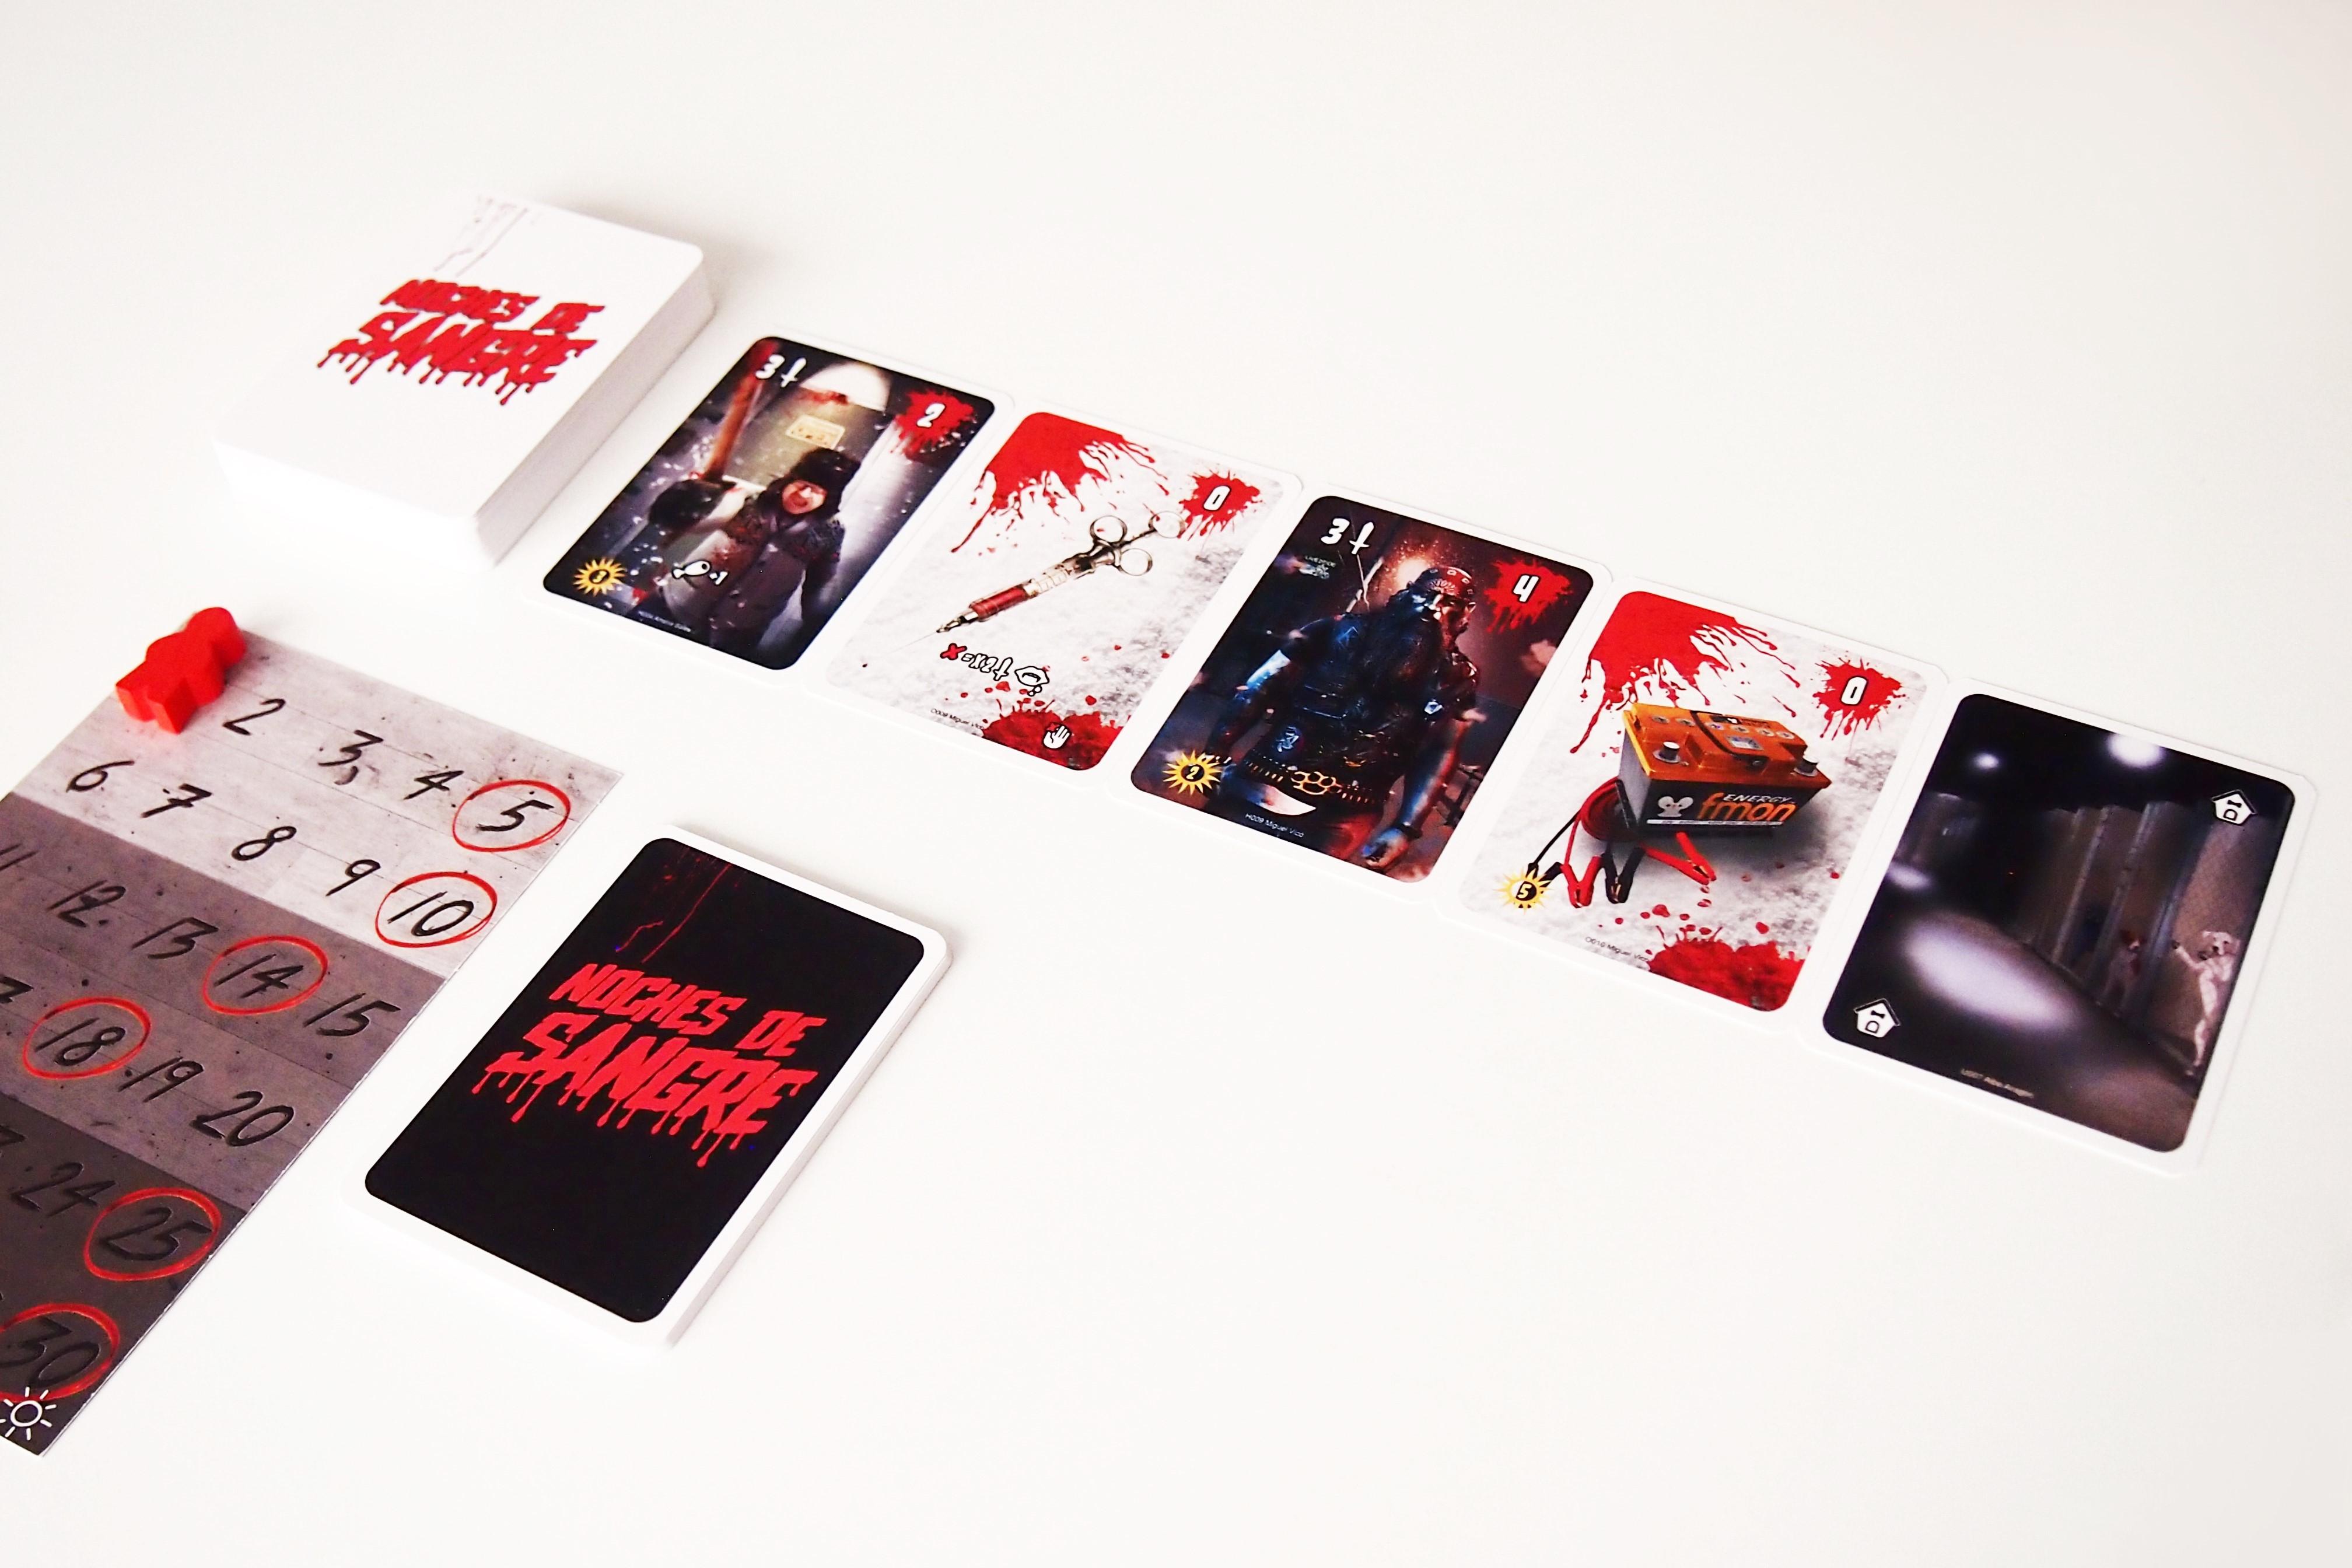 En los días de aprovisionamiento (impares), se descubren cinco cartas de calle.